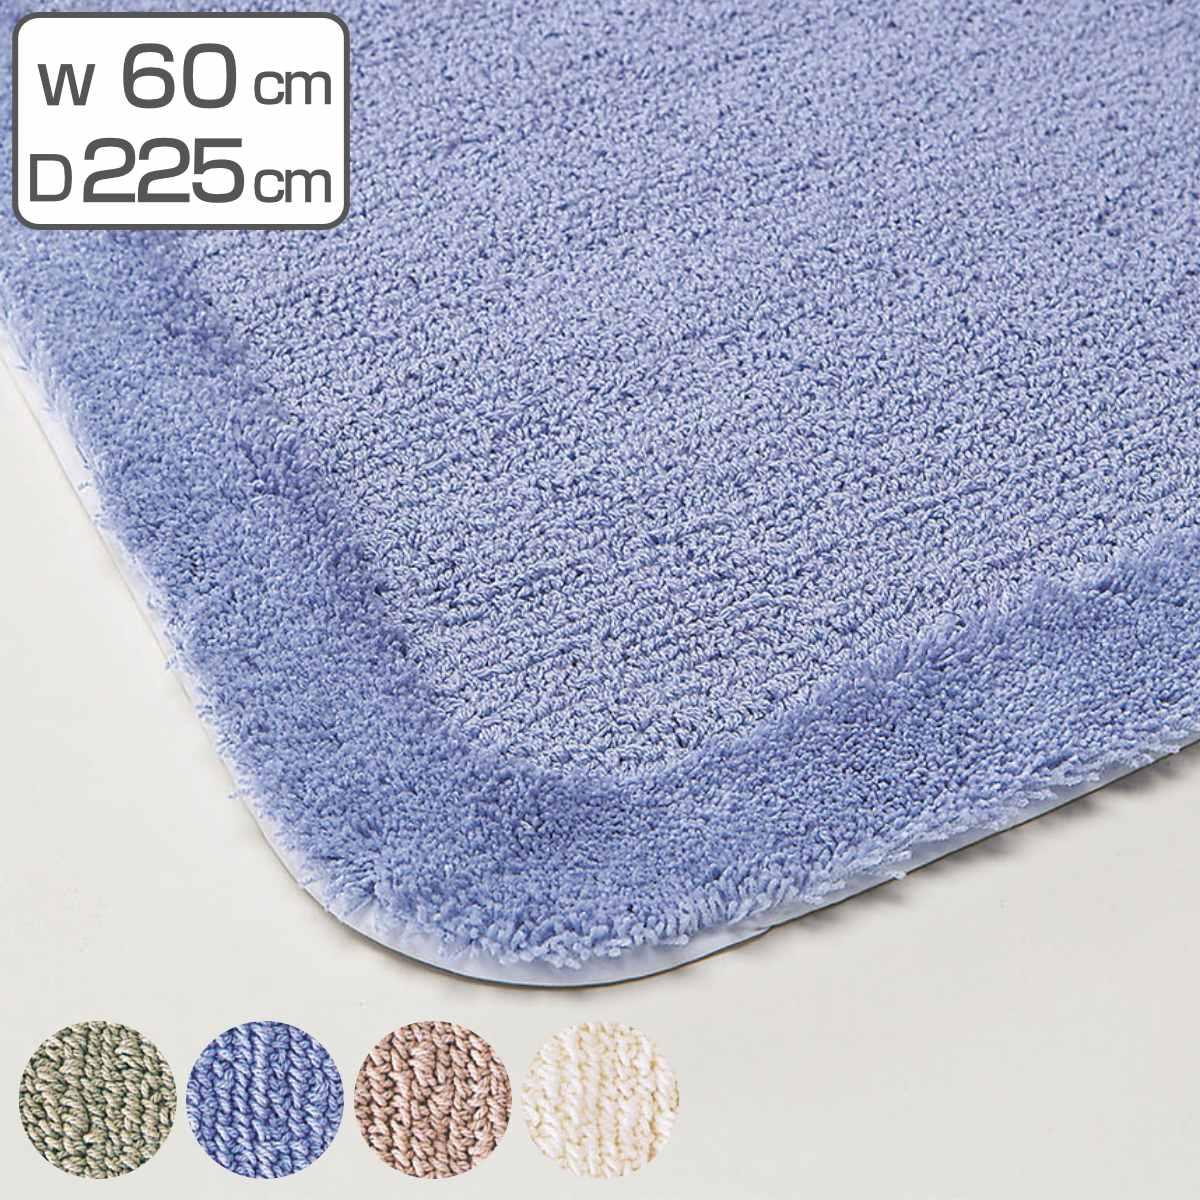 バスマット業務用 吸水ループパイル ノンスリップ抗菌仕様 60×225 ( 足拭き 風呂マット 送料無料 )